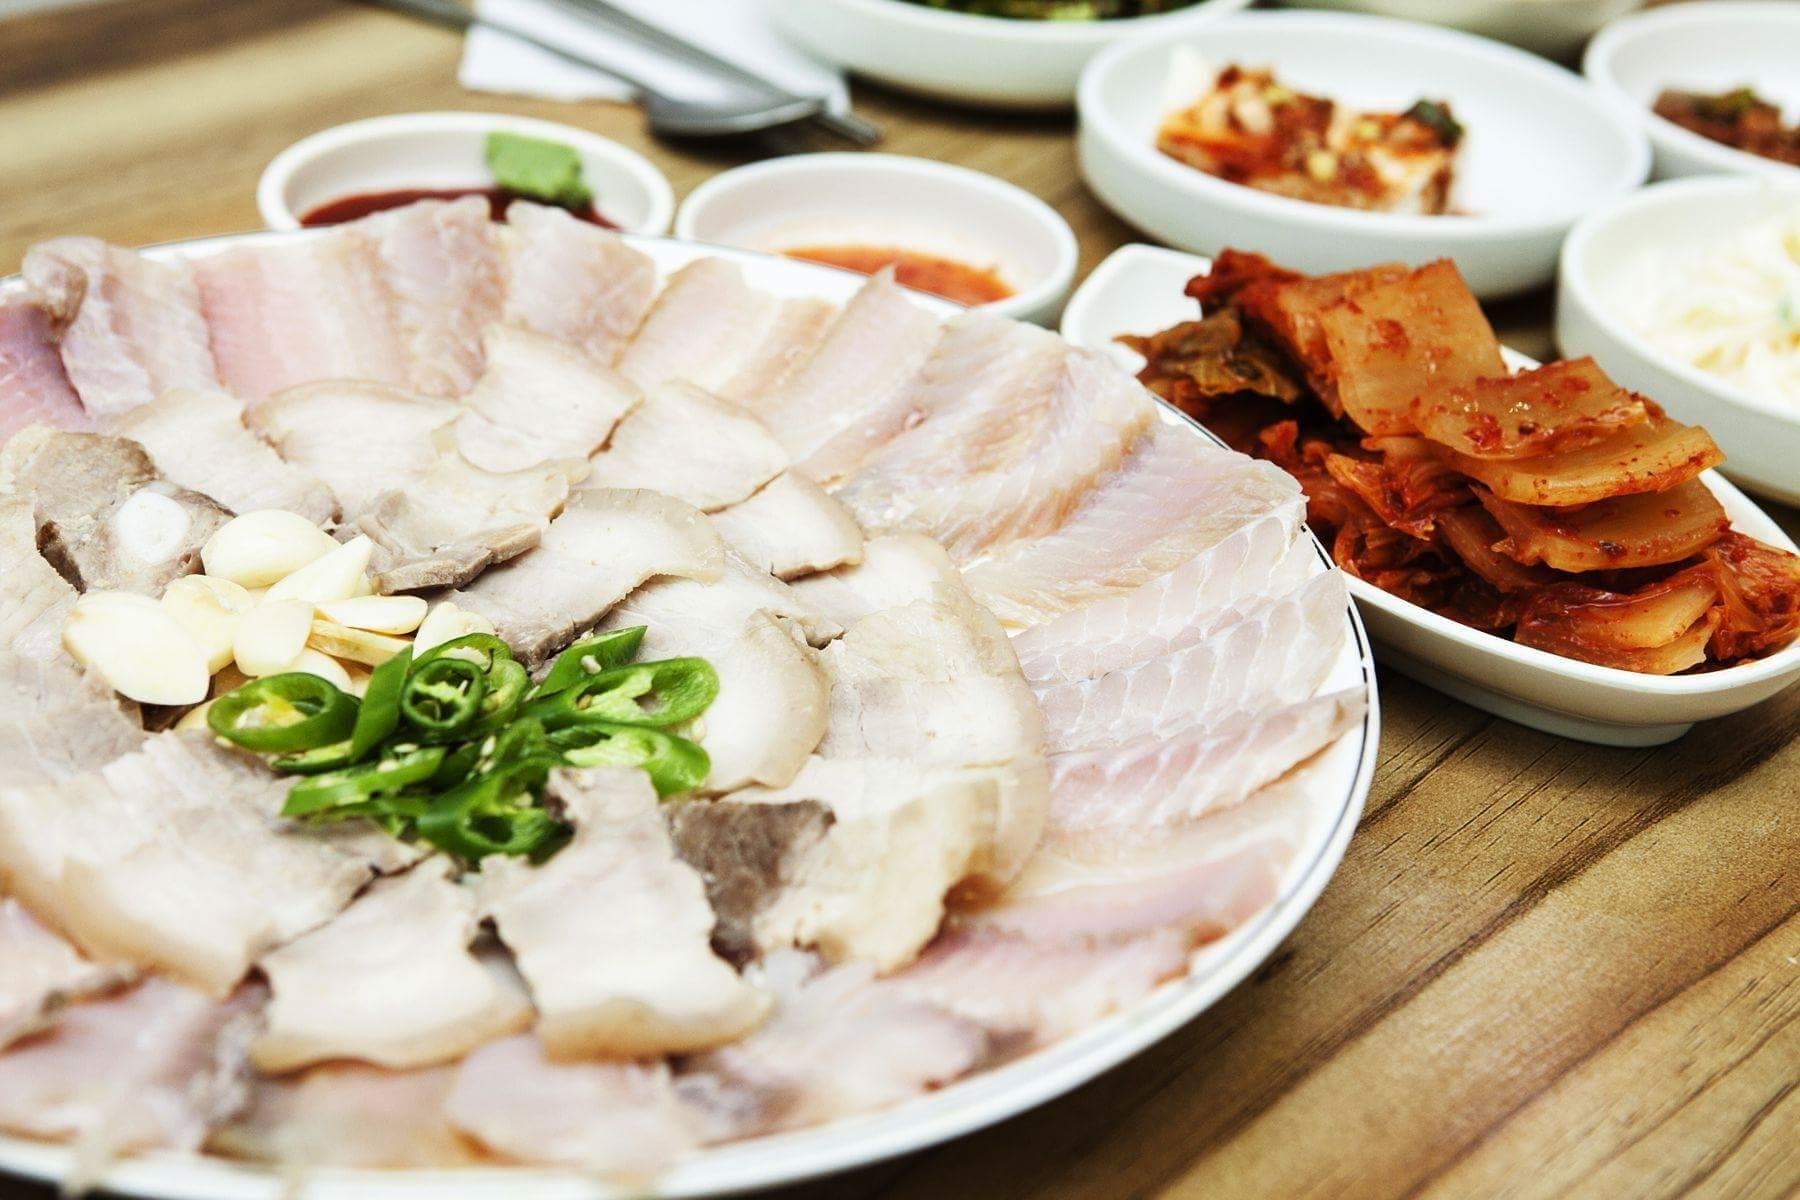 LÀM SAO ĐỂ LUỘC THỊT KHÔNG BỊ HÔI ?  Thịt luộc là món ăn ngon và đơn giản. Tuy nhiên, khi luộc...